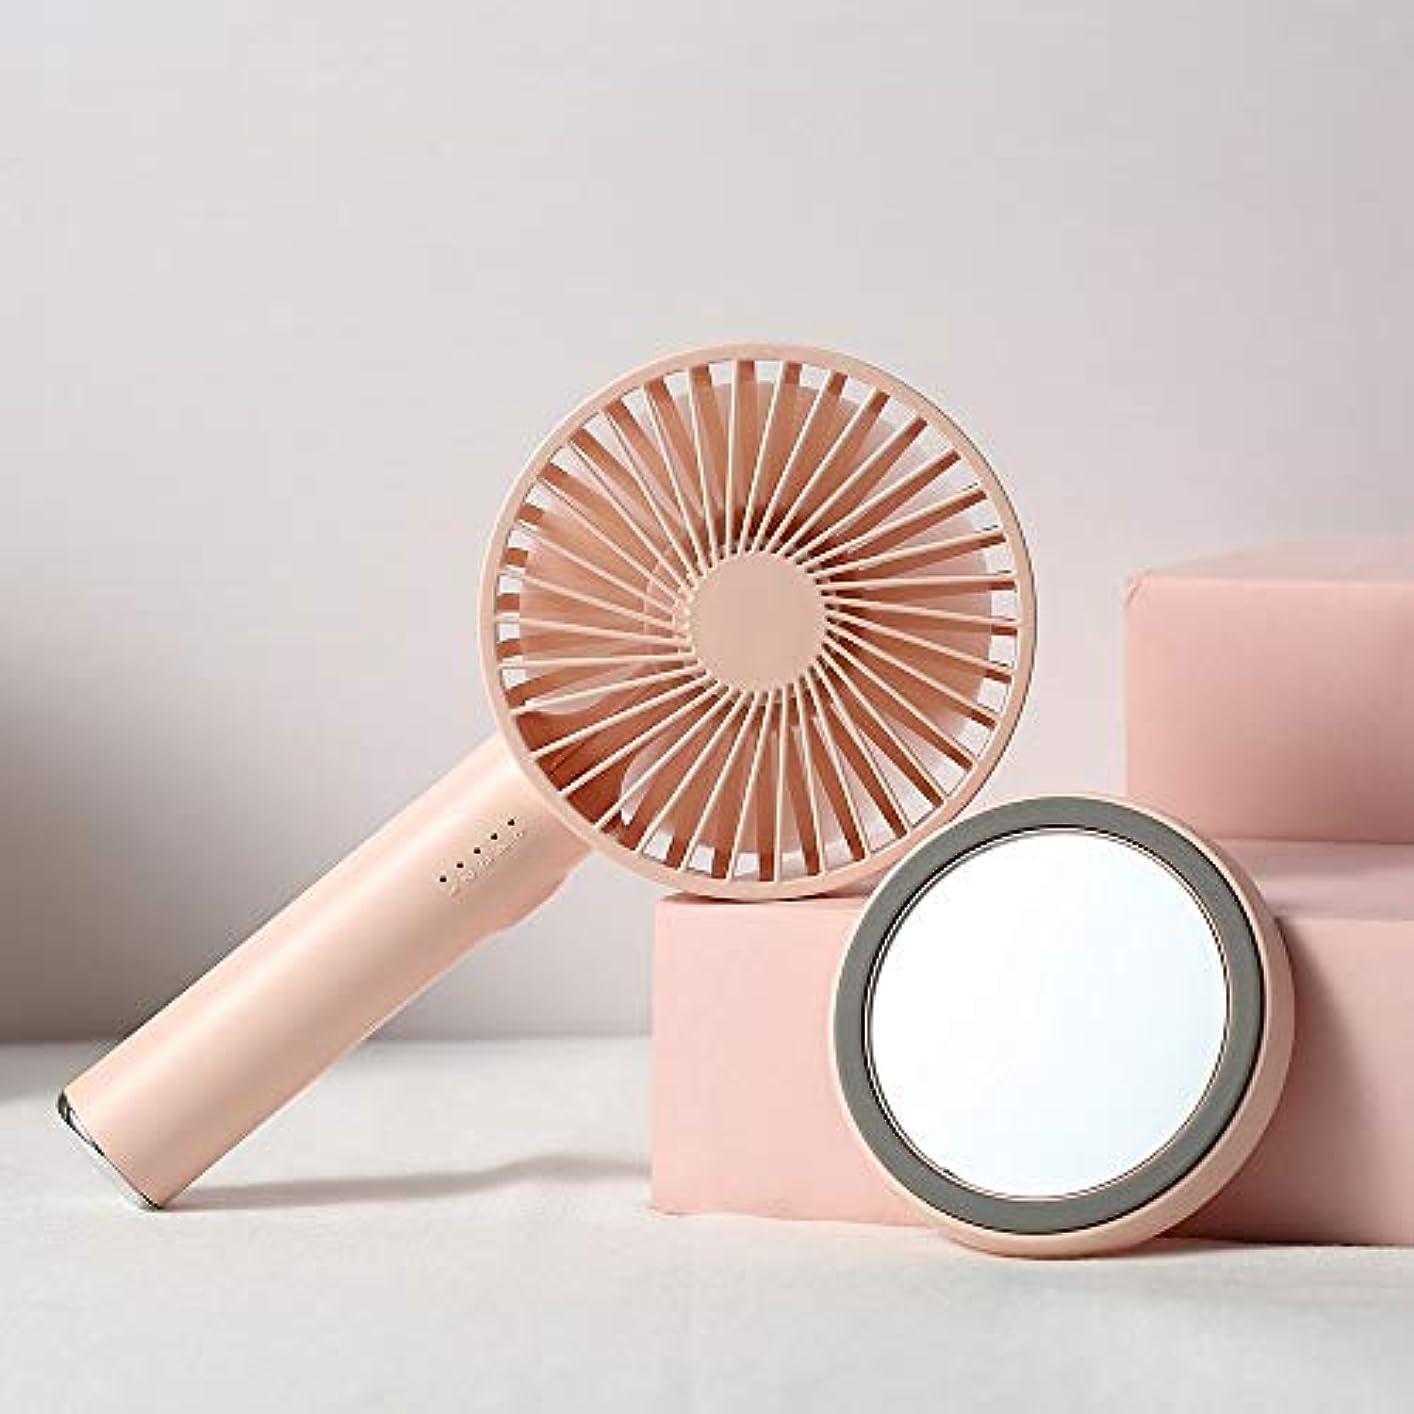 岩店員空気流行の クリエイティブ新しいファンの化粧鏡の手持ち型の無声ファン5速調整ポータブル屋外の美しさのミラーミラー2つの黄色のモデルピンク (色 : Pink)